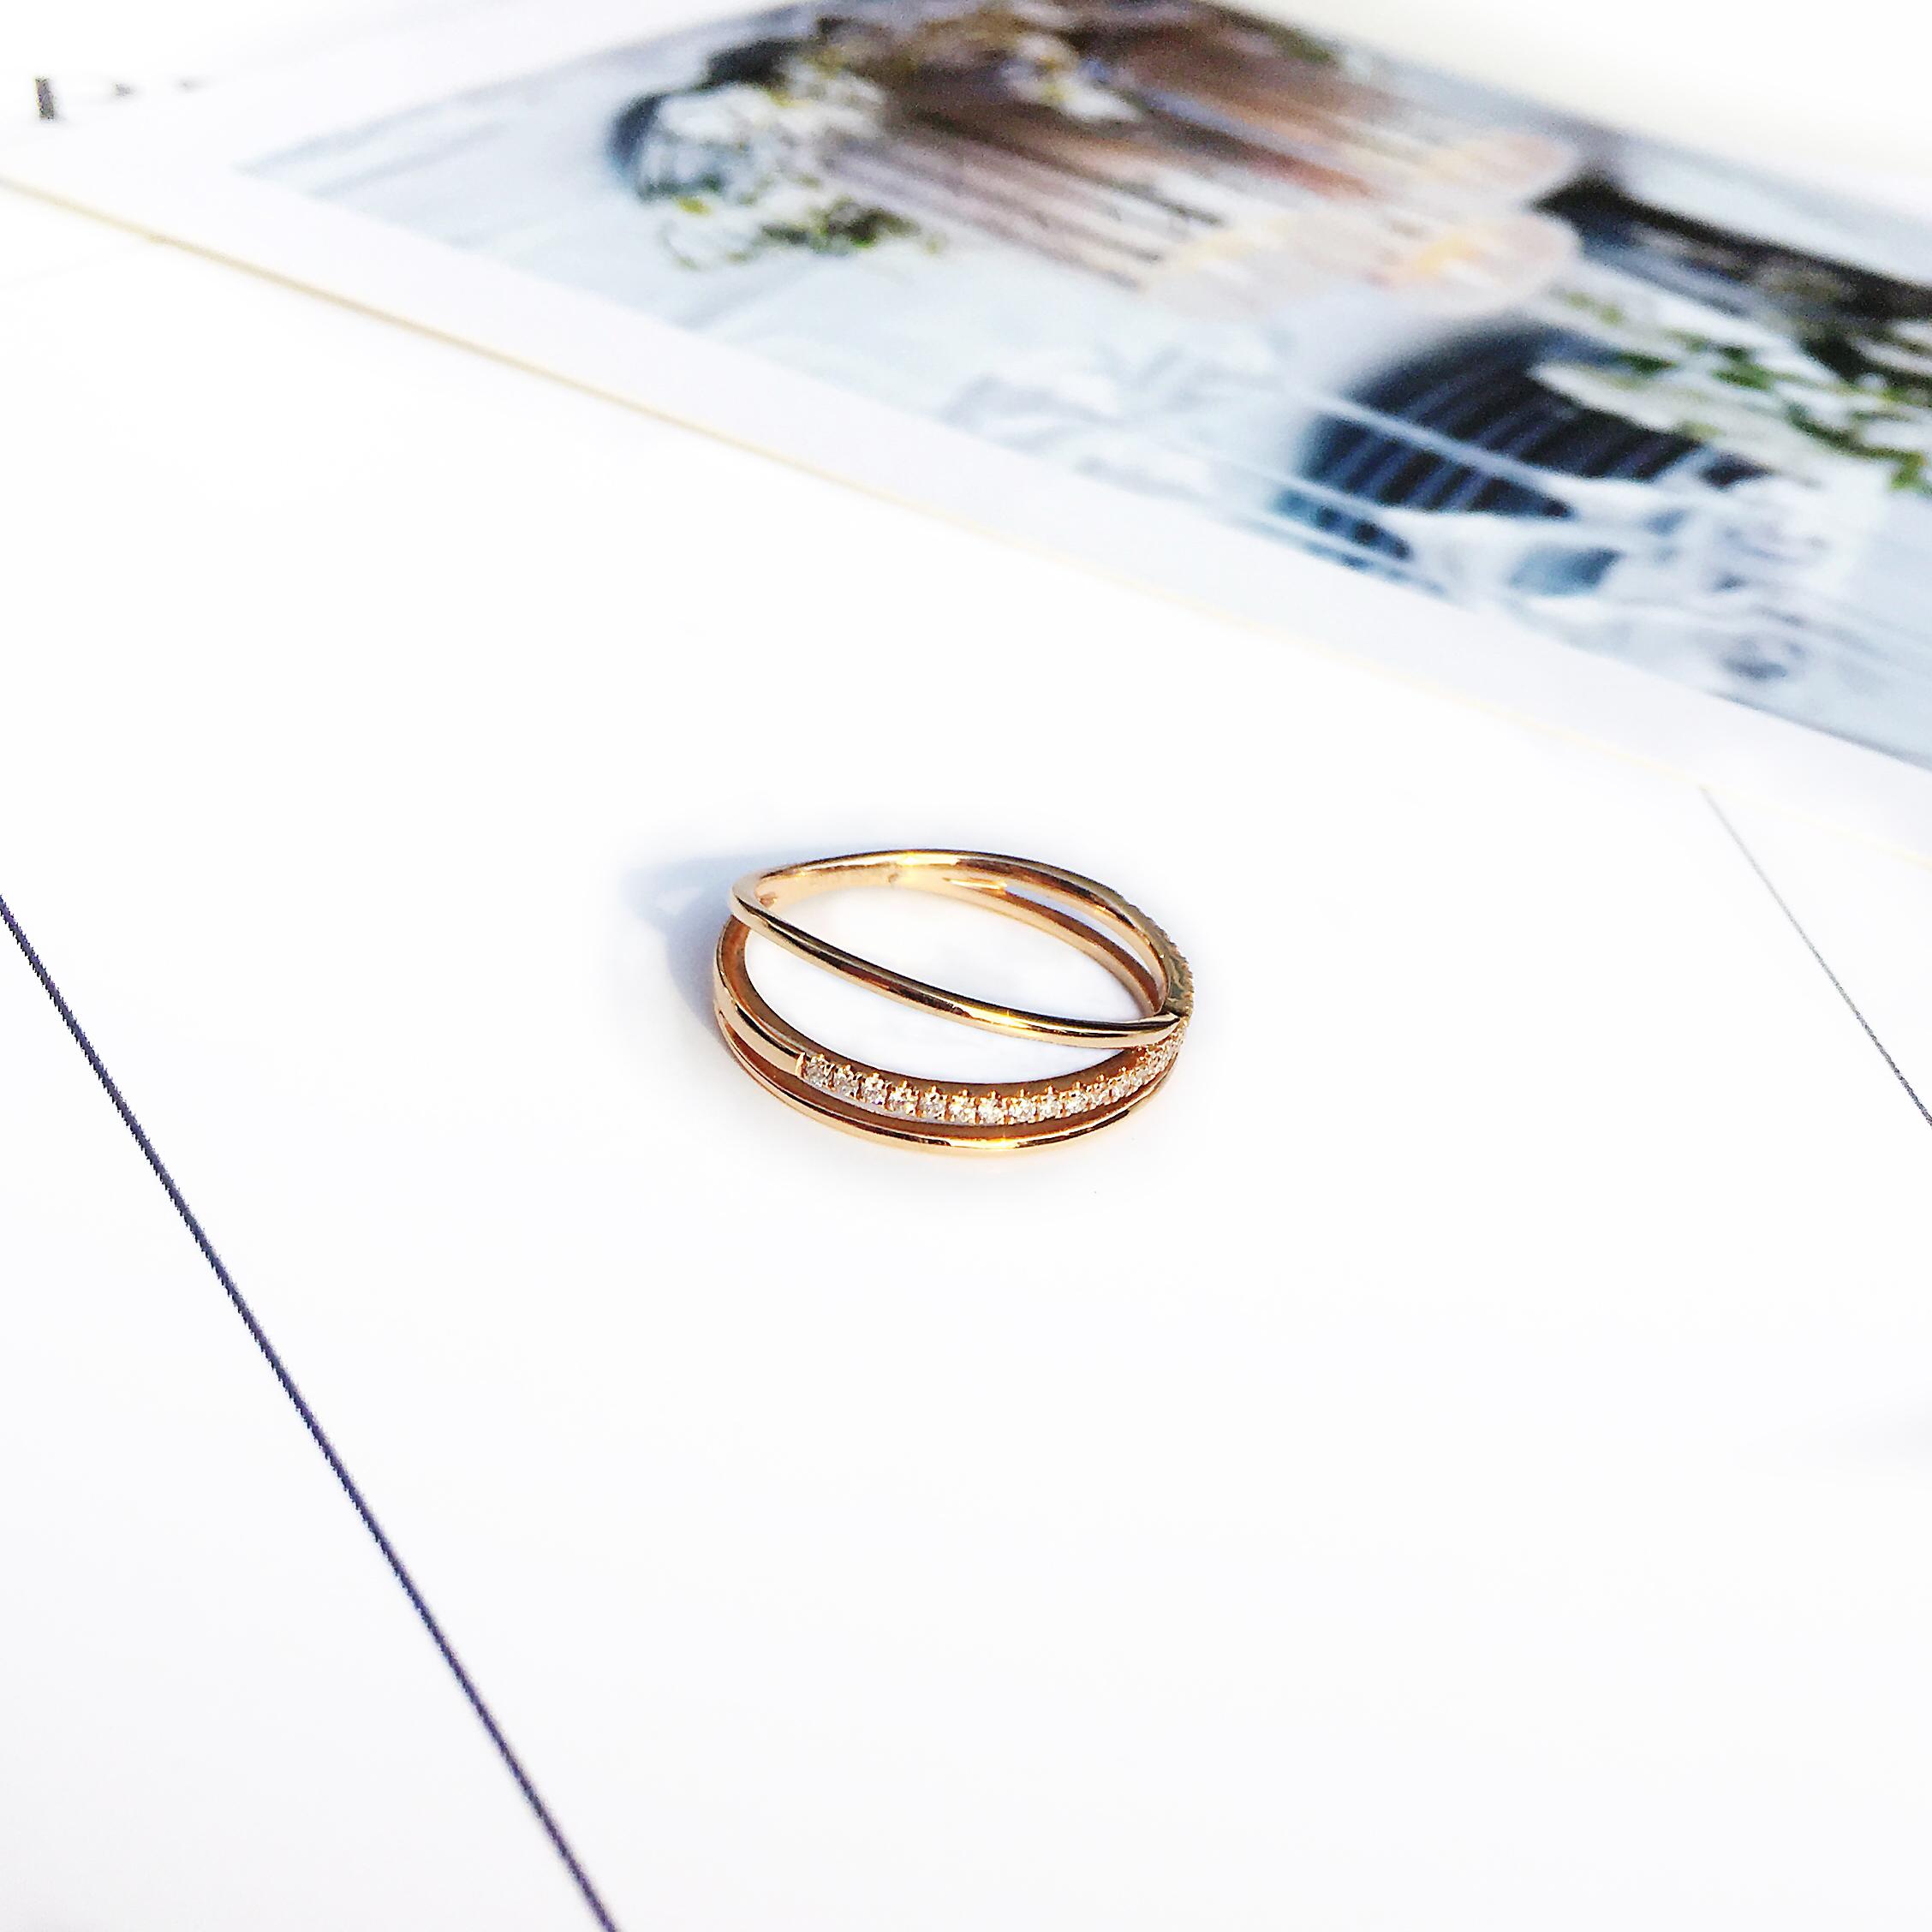 柏克蓝钻石拾光珠宝钻戒女简约18K金玫瑰金戒指结婚求婚定制婚戒